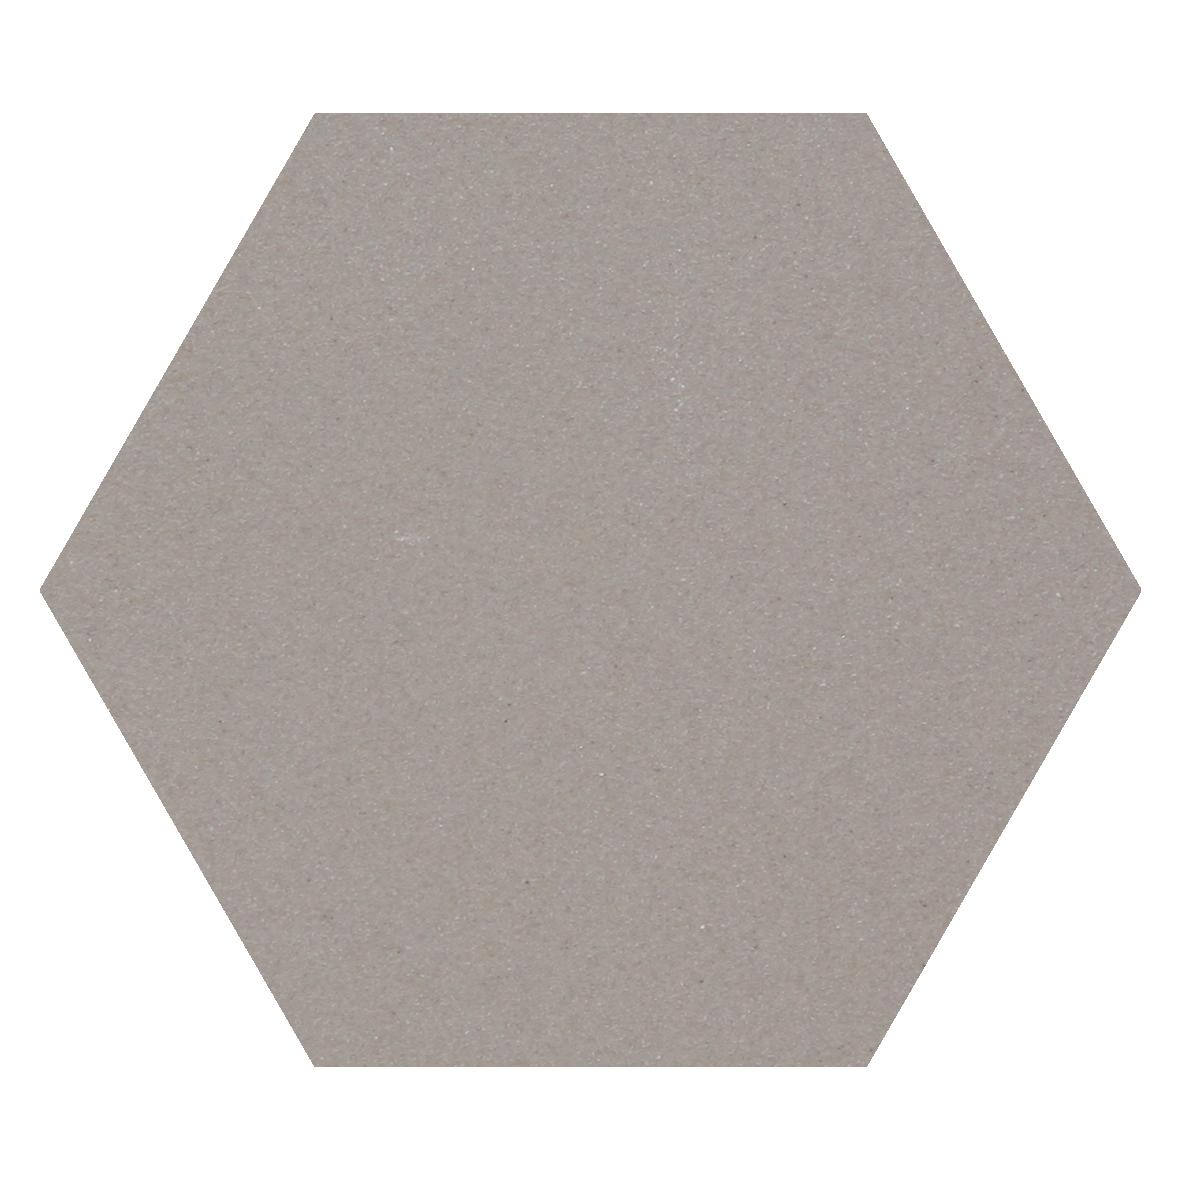 L4406HEX/1C, Natura, Vaaleanharmaa, lattia,pakkasenkesto,uimahalli,design_from_finland